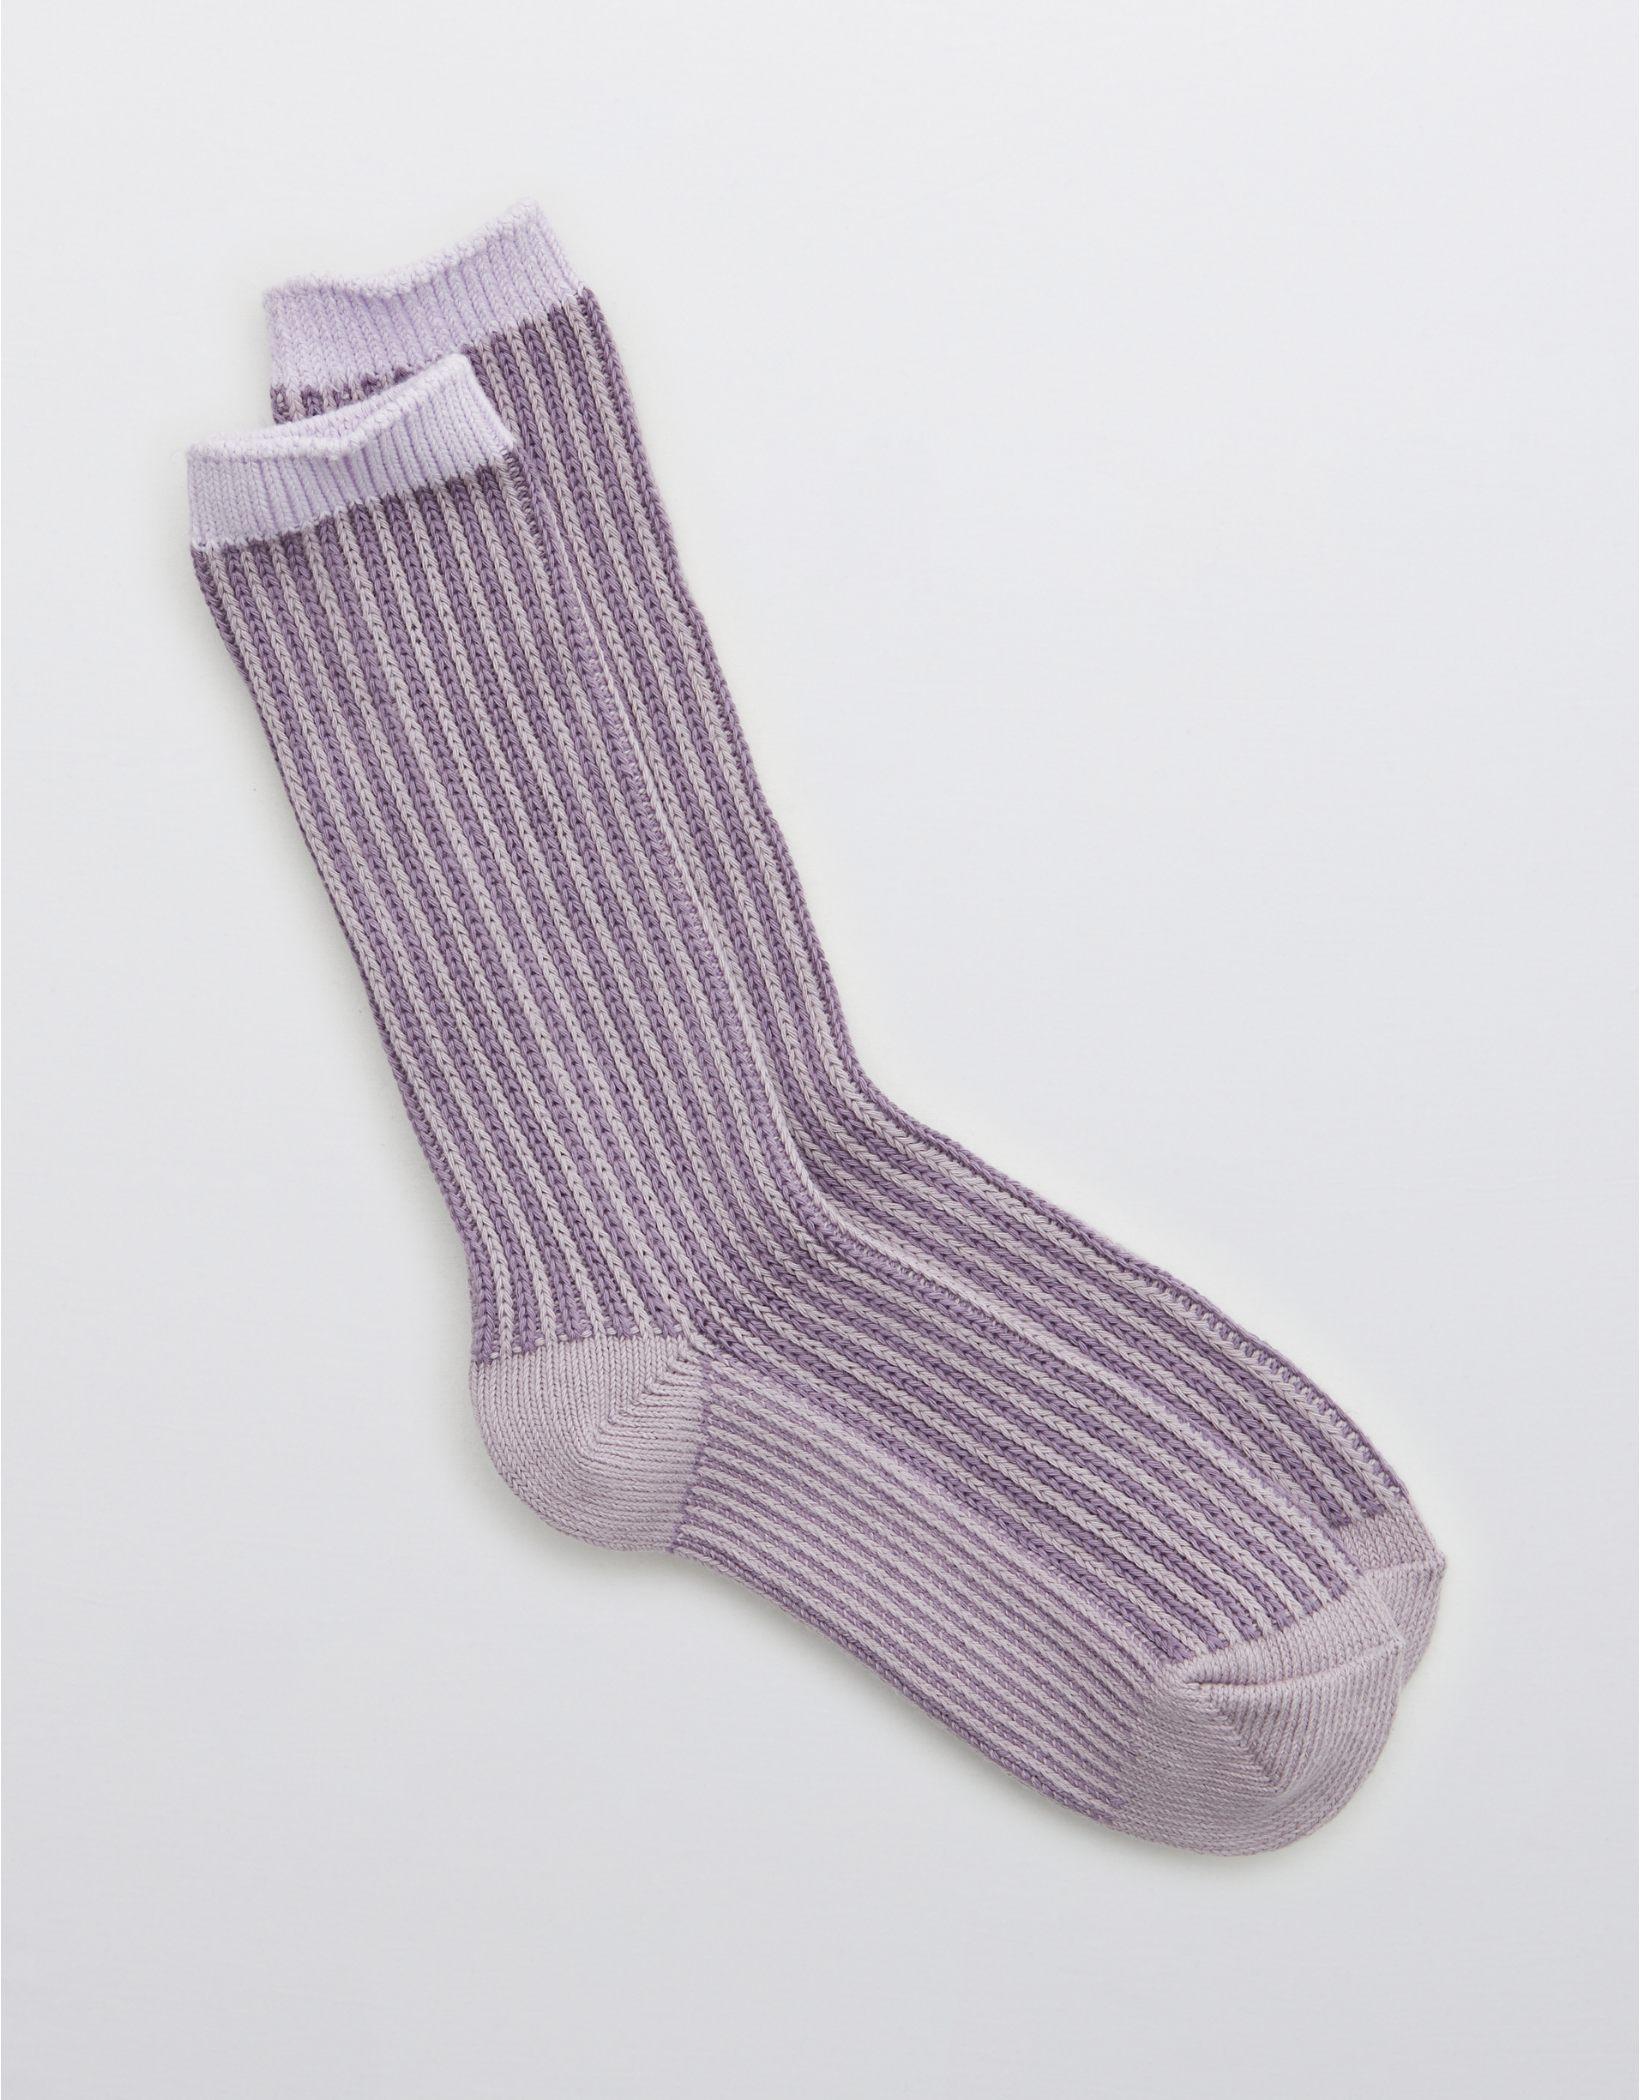 Aerie Plated Crew Socks